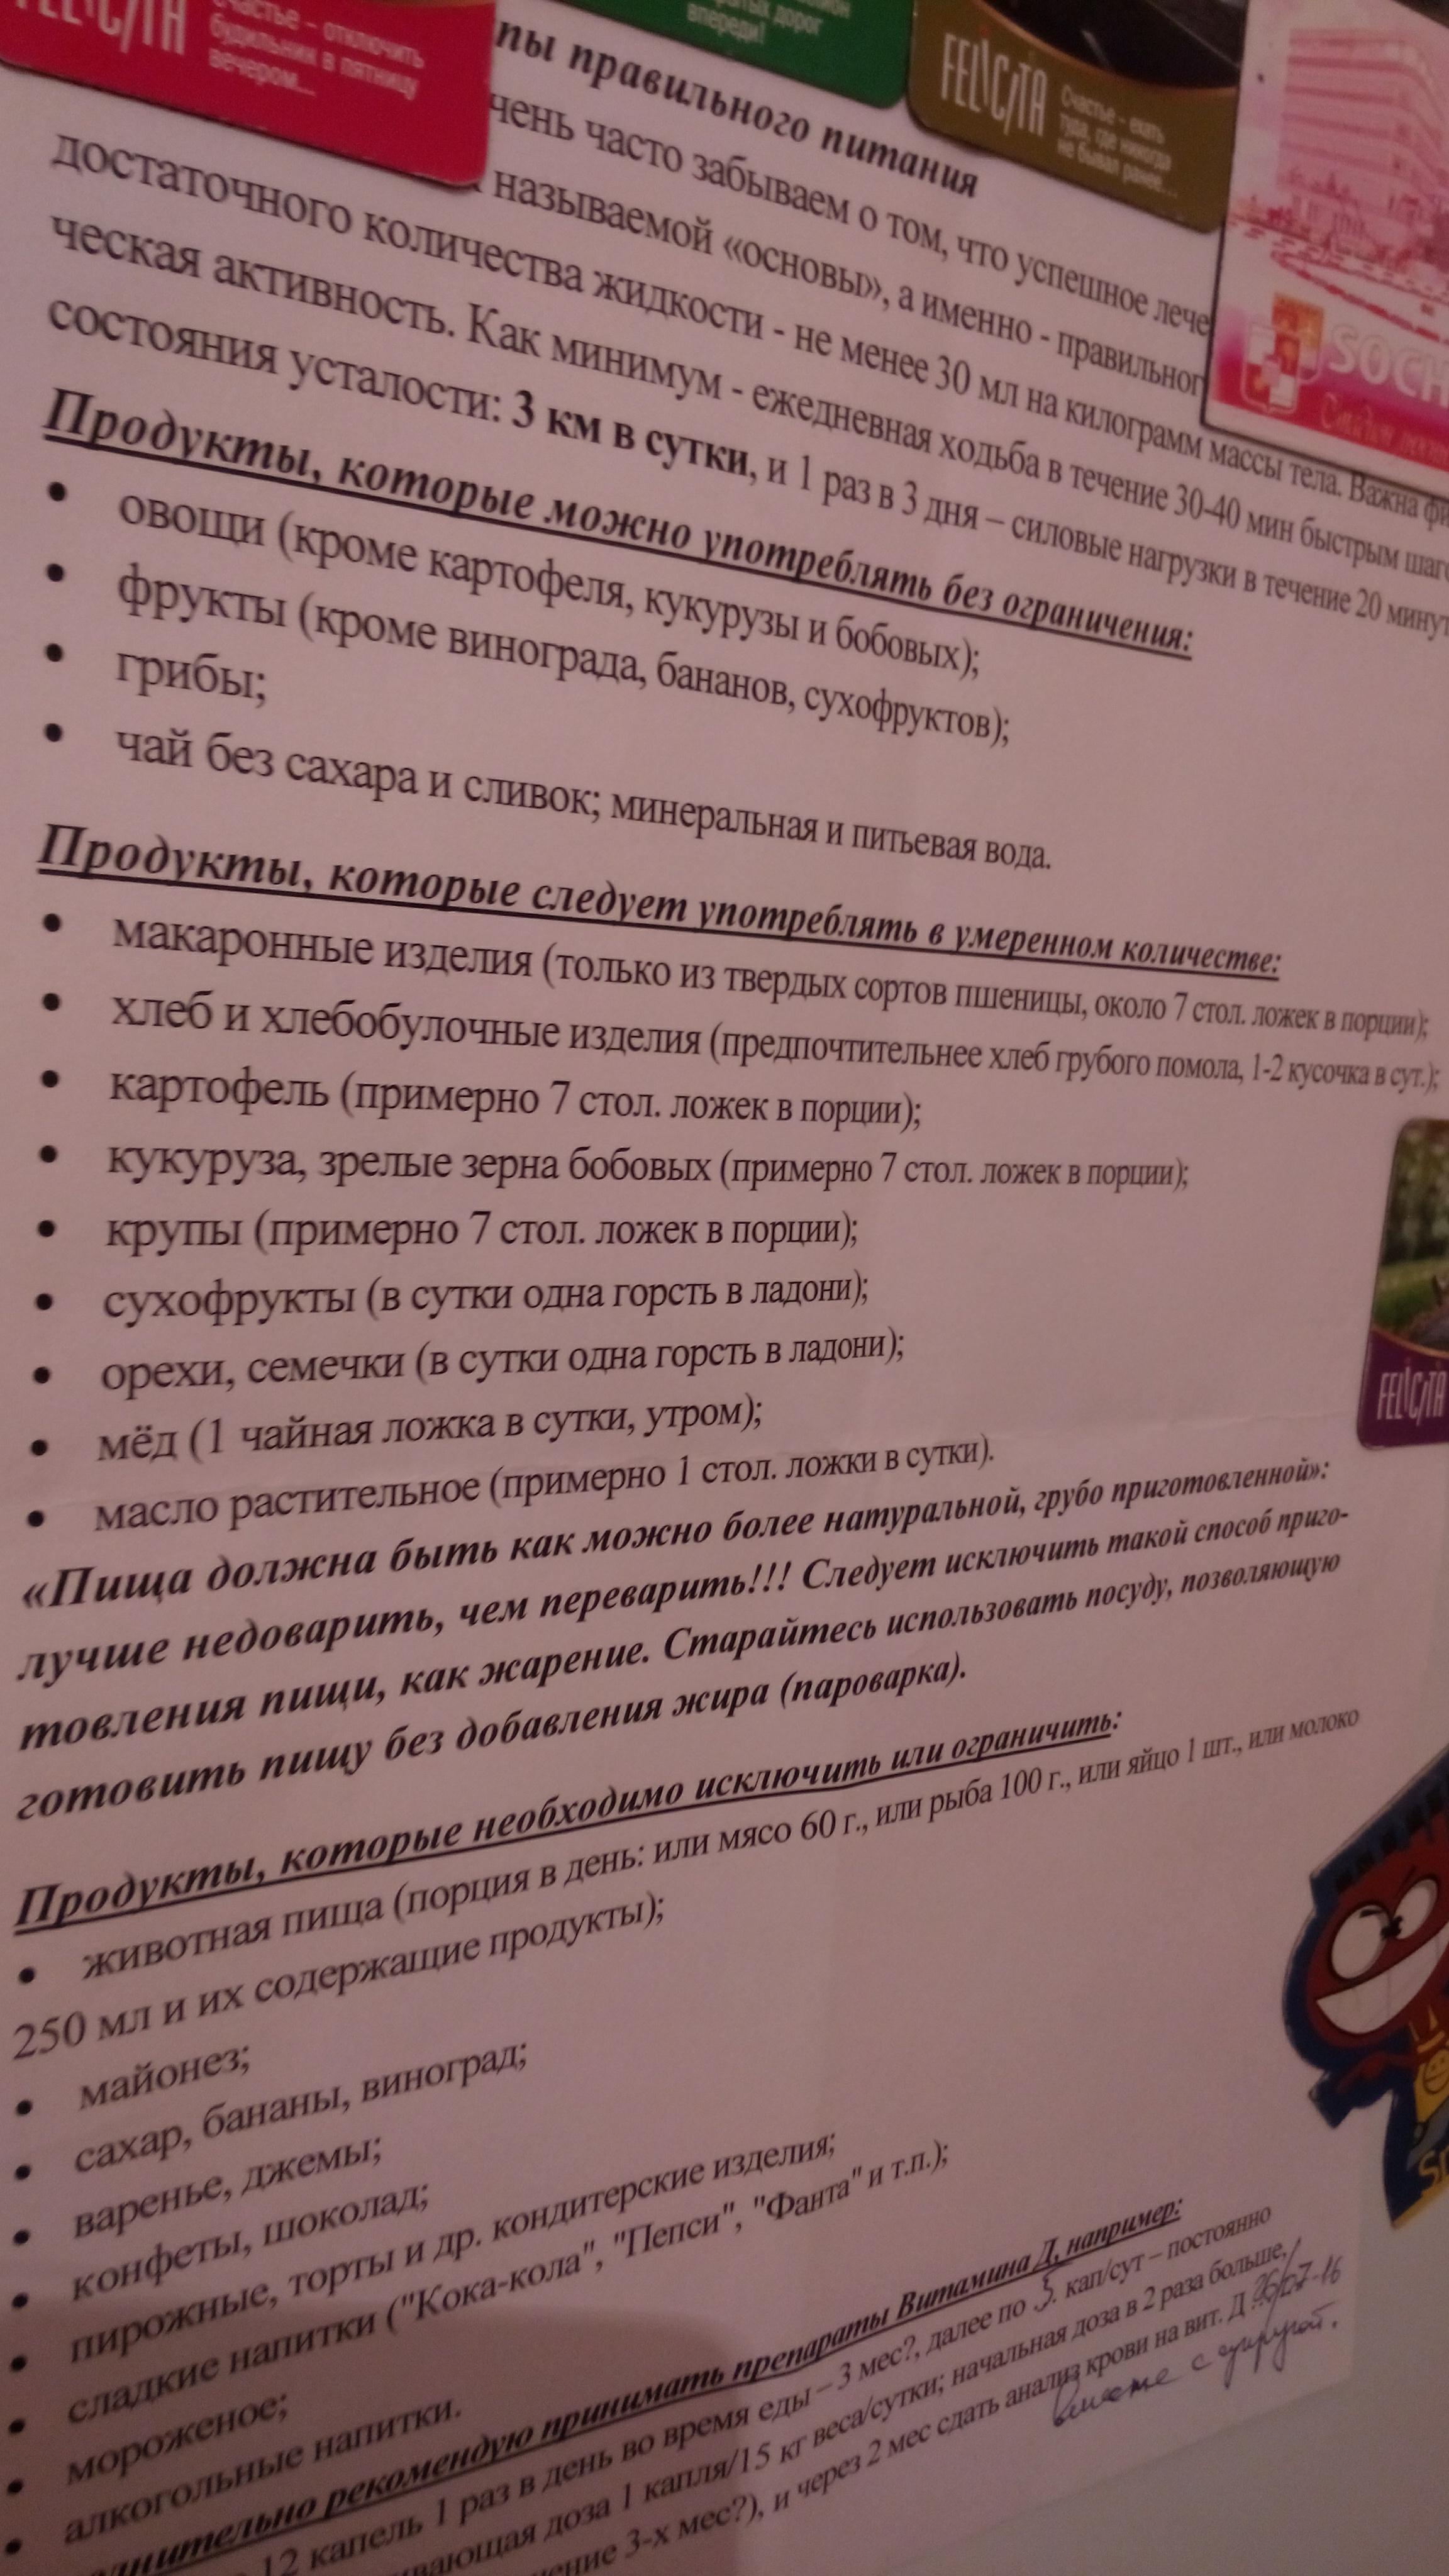 retsept-dlya-uluchsheniya-kachestva-spermi